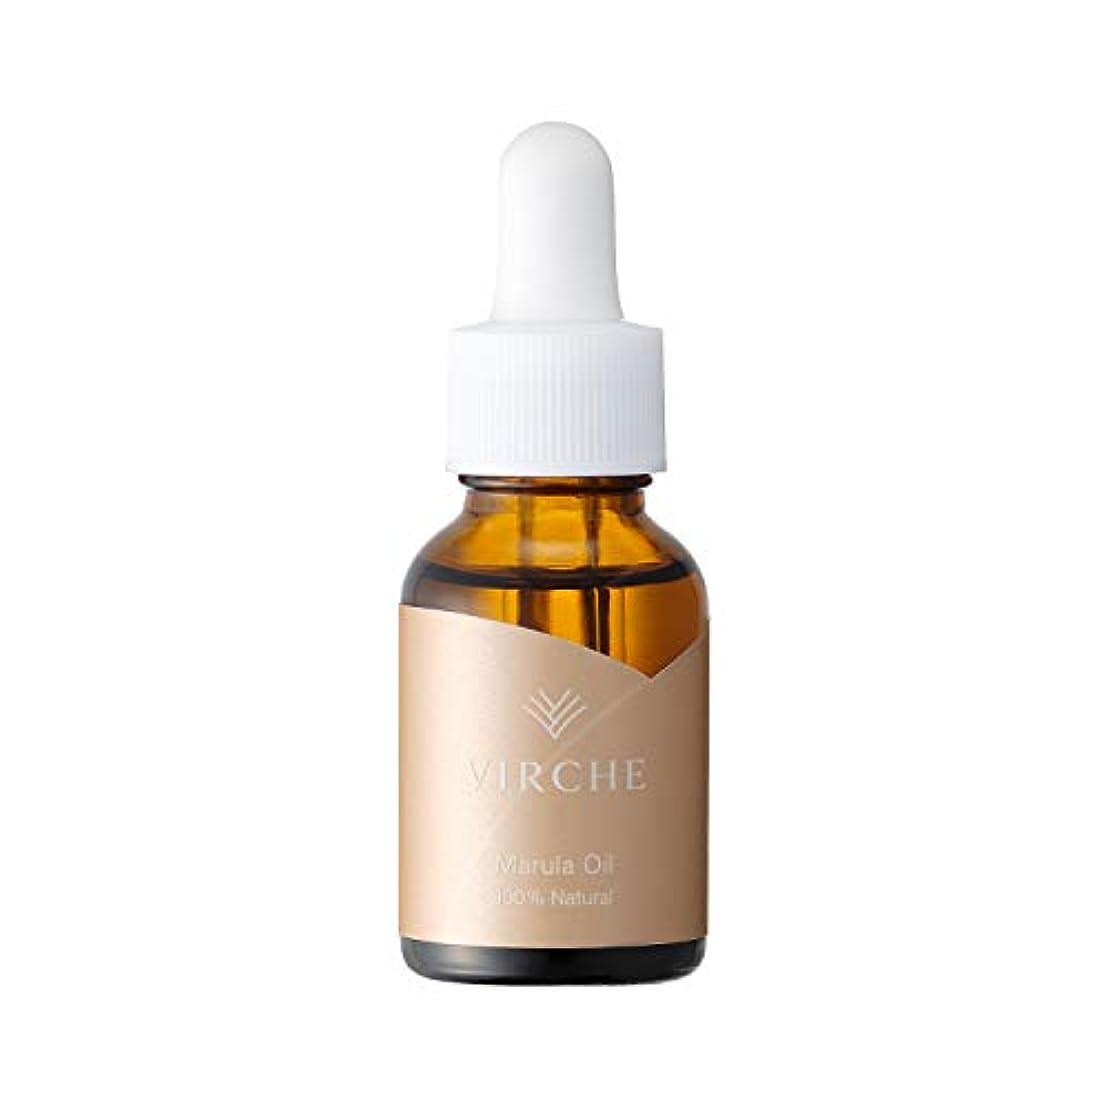 代表する重要いいねマルラオイル(Marula Oil)国内で品質管理/無香料/防腐剤、香料、着色料すべて無添加の美容オイル/18ml(髪など全身に使えて約30日分)